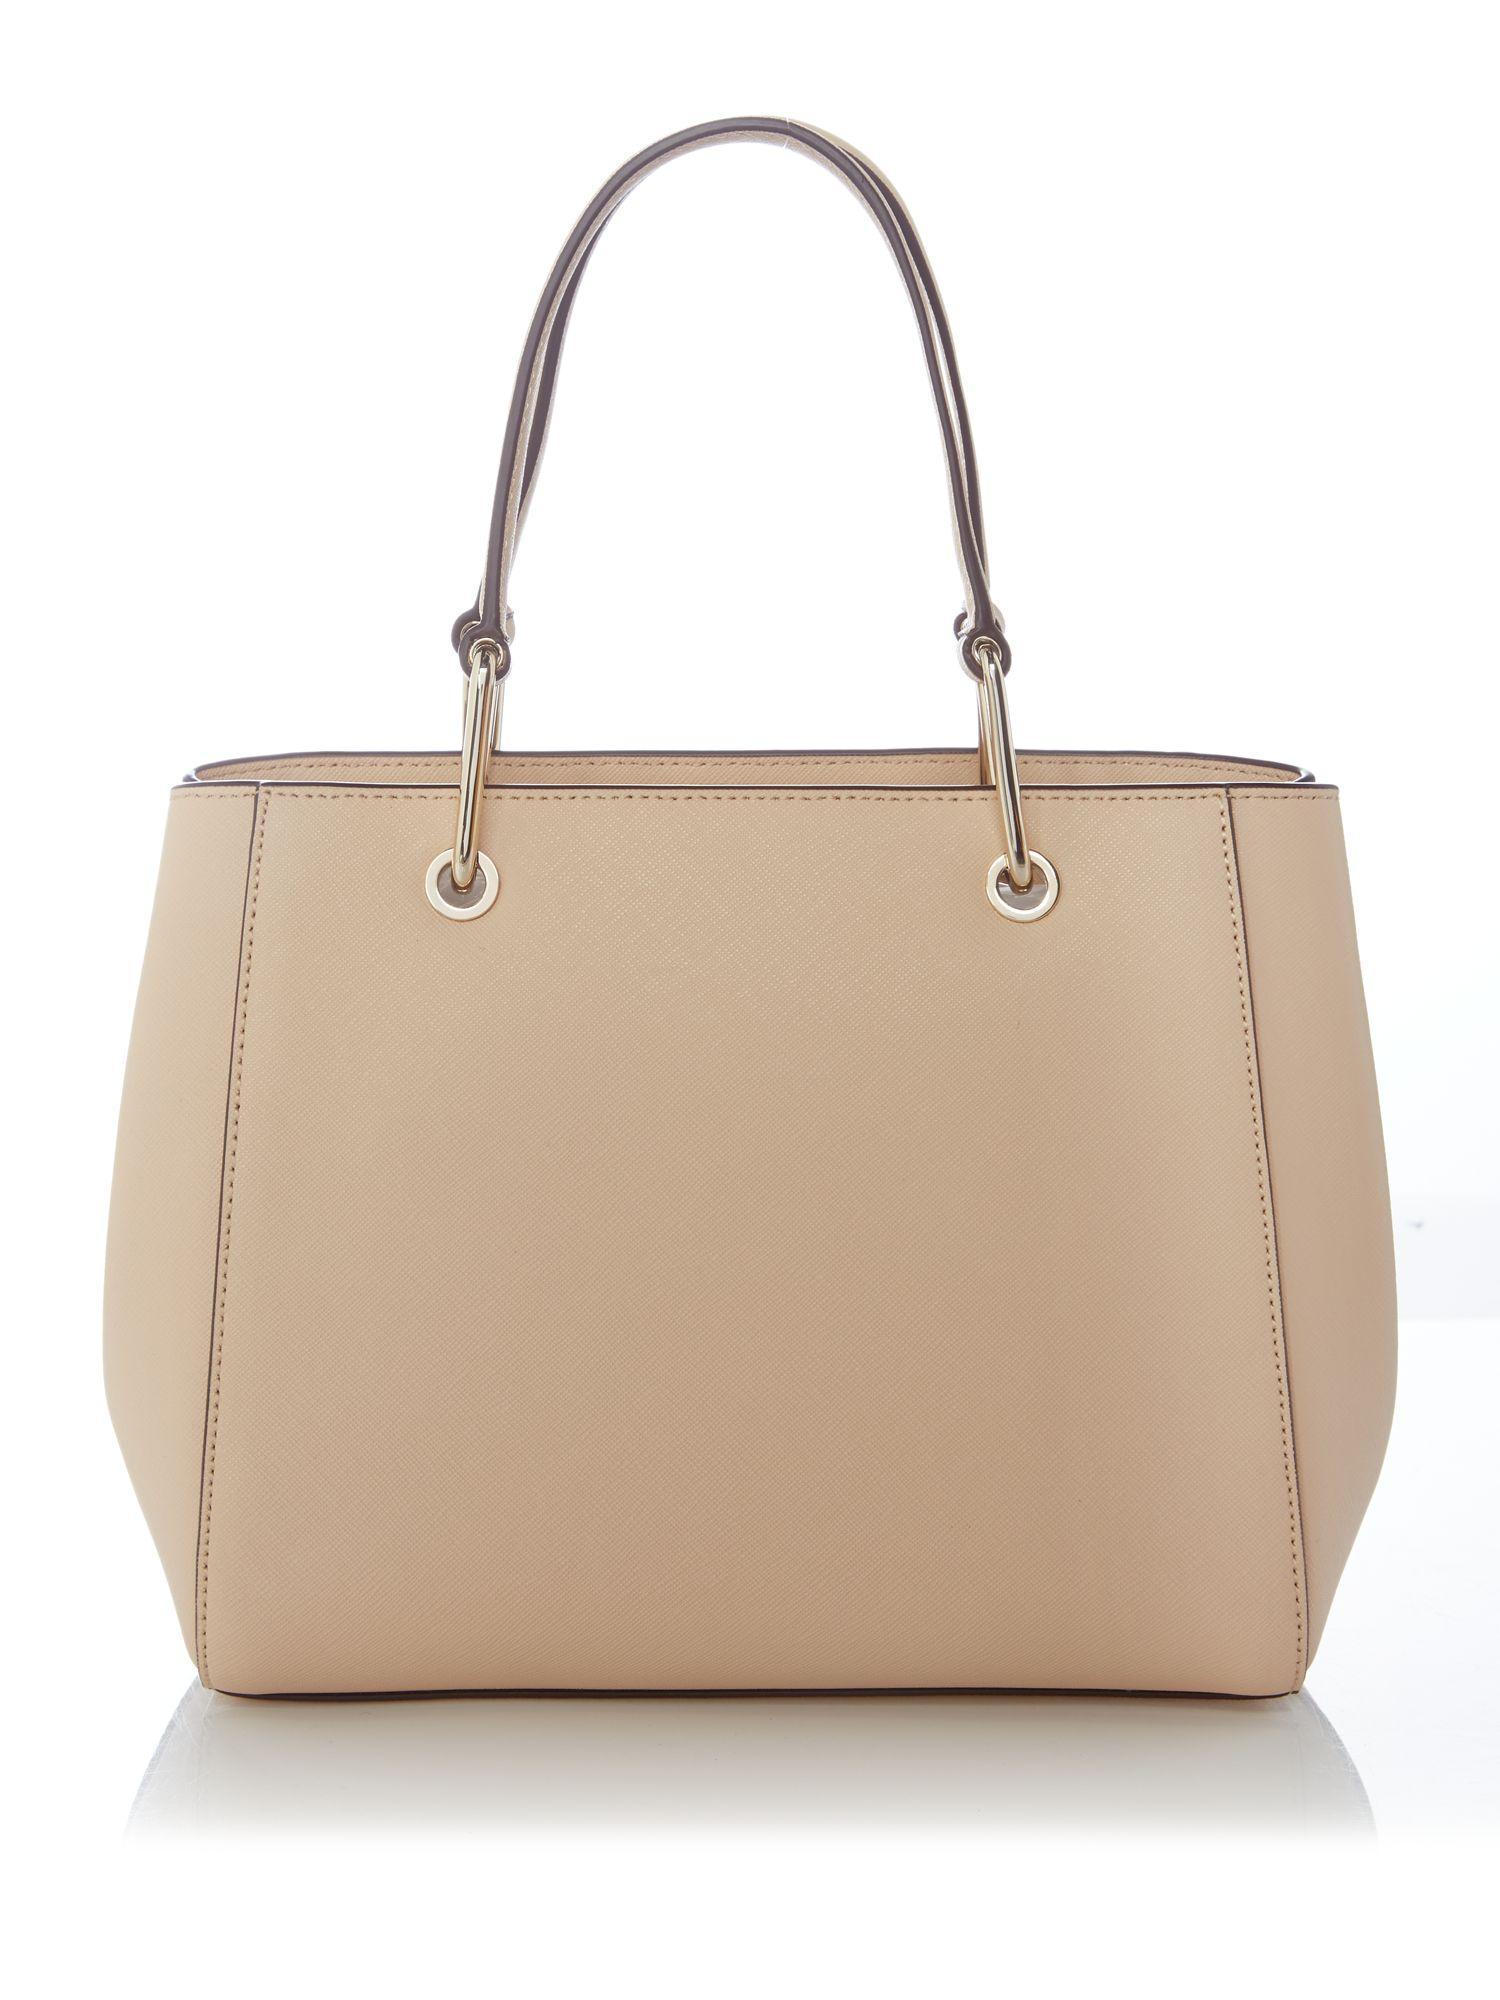 DKNY Leather Saffiano Mini Tote Bag